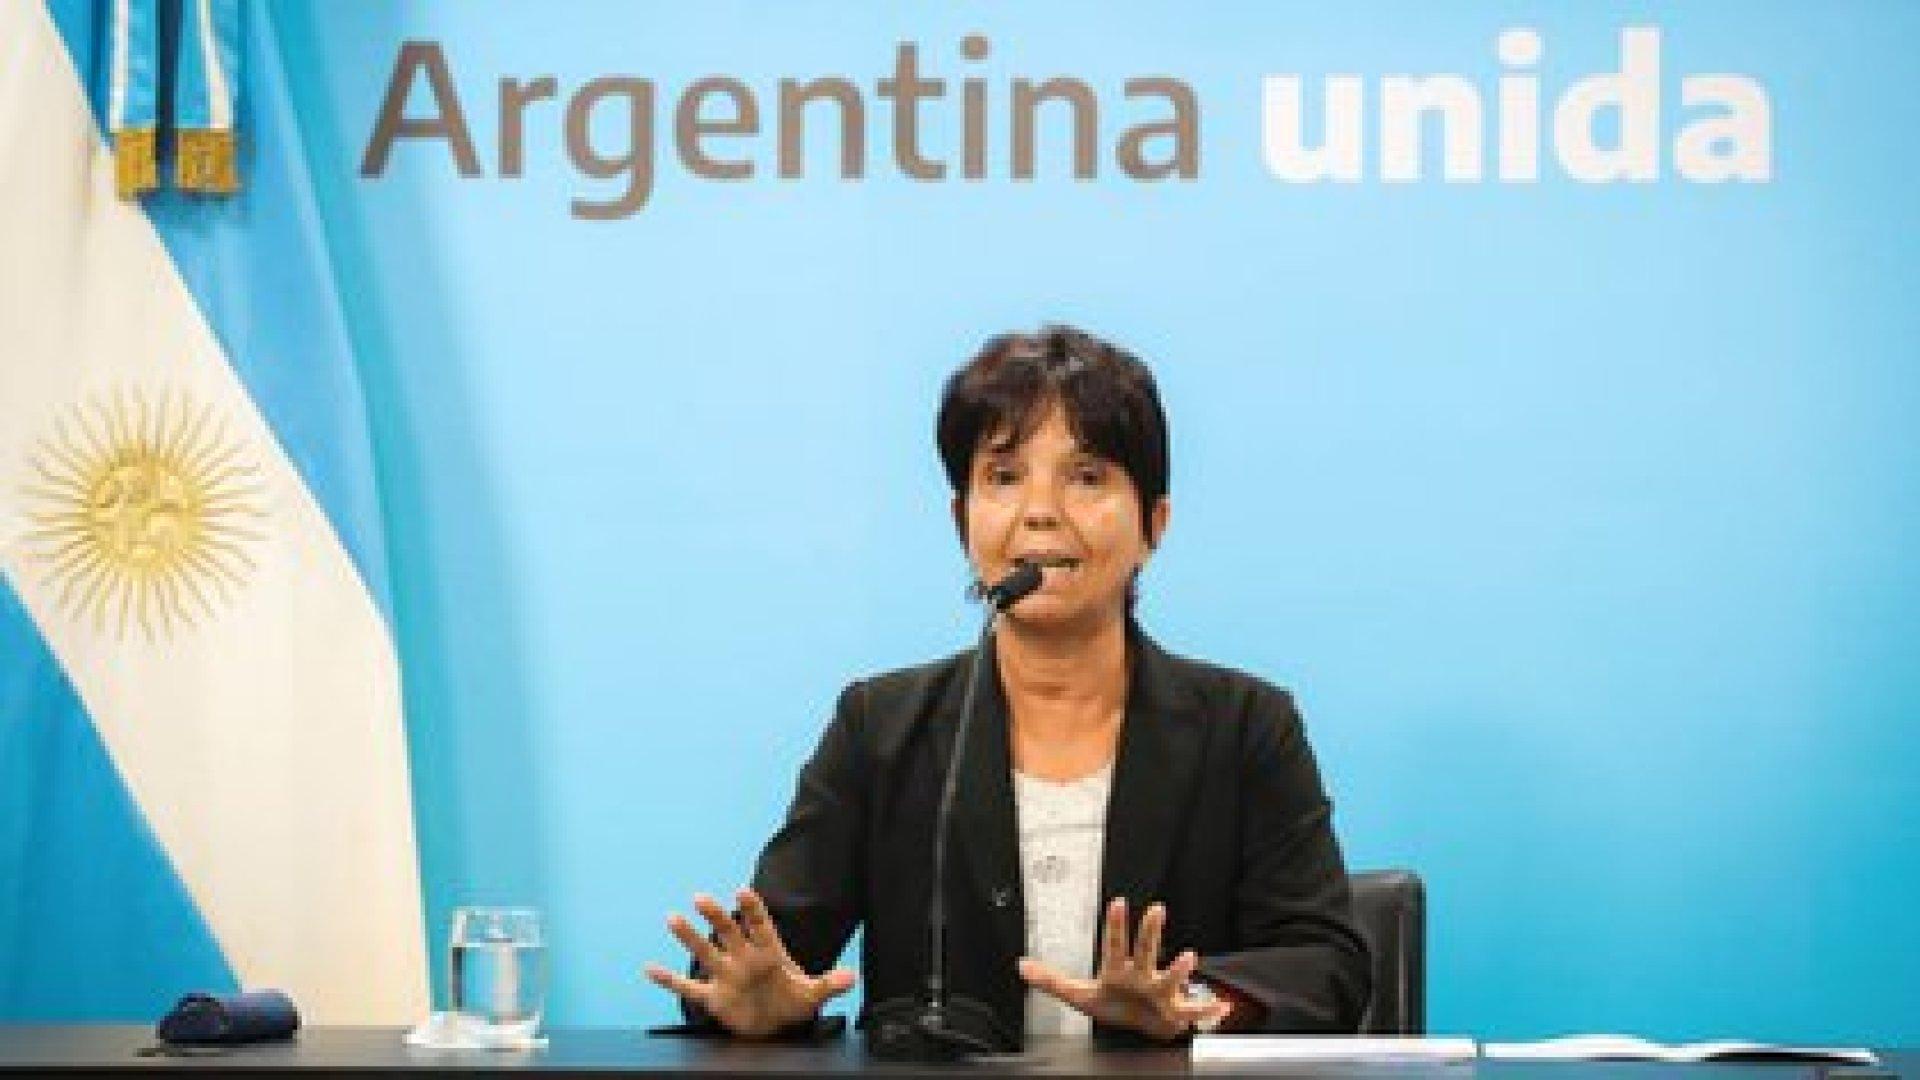 Mercedes Marcó del Pont, titular de la AFIP, todavía tiene que publicar una resolución general con más detalles operativos sobre el impuesto